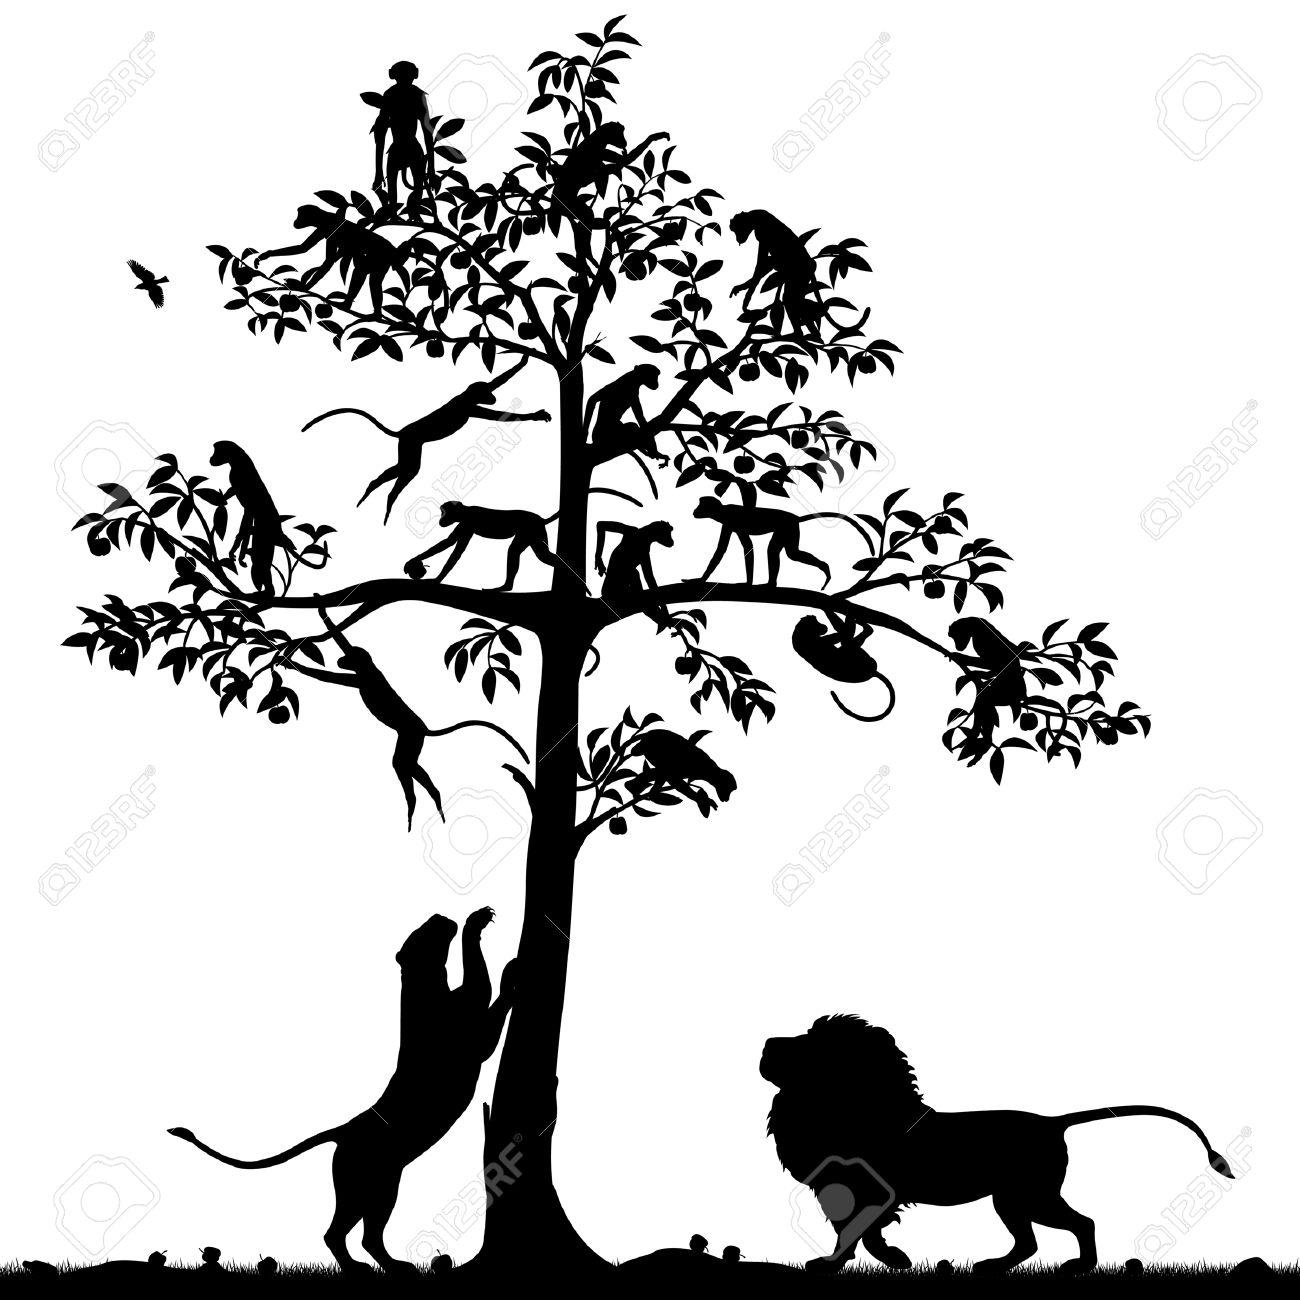 1300x1300 Monkey in a tree clipart silohette